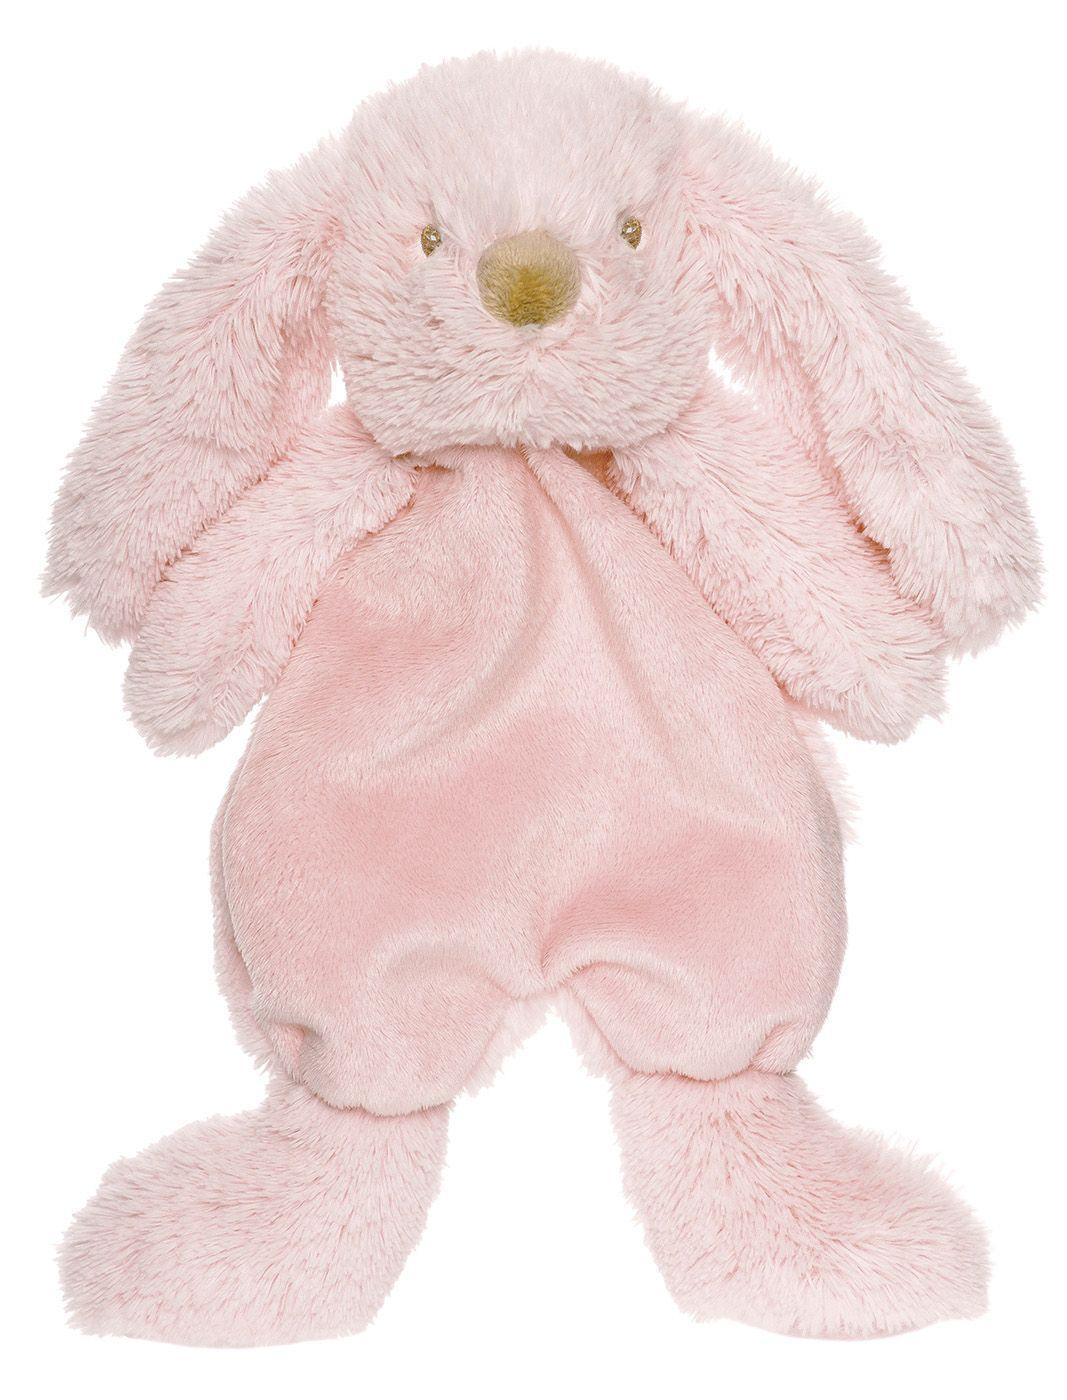 Nusseklud fra teddykompaniet - lolly bunny - rosa fra Teddykompaniet på babygear.dk